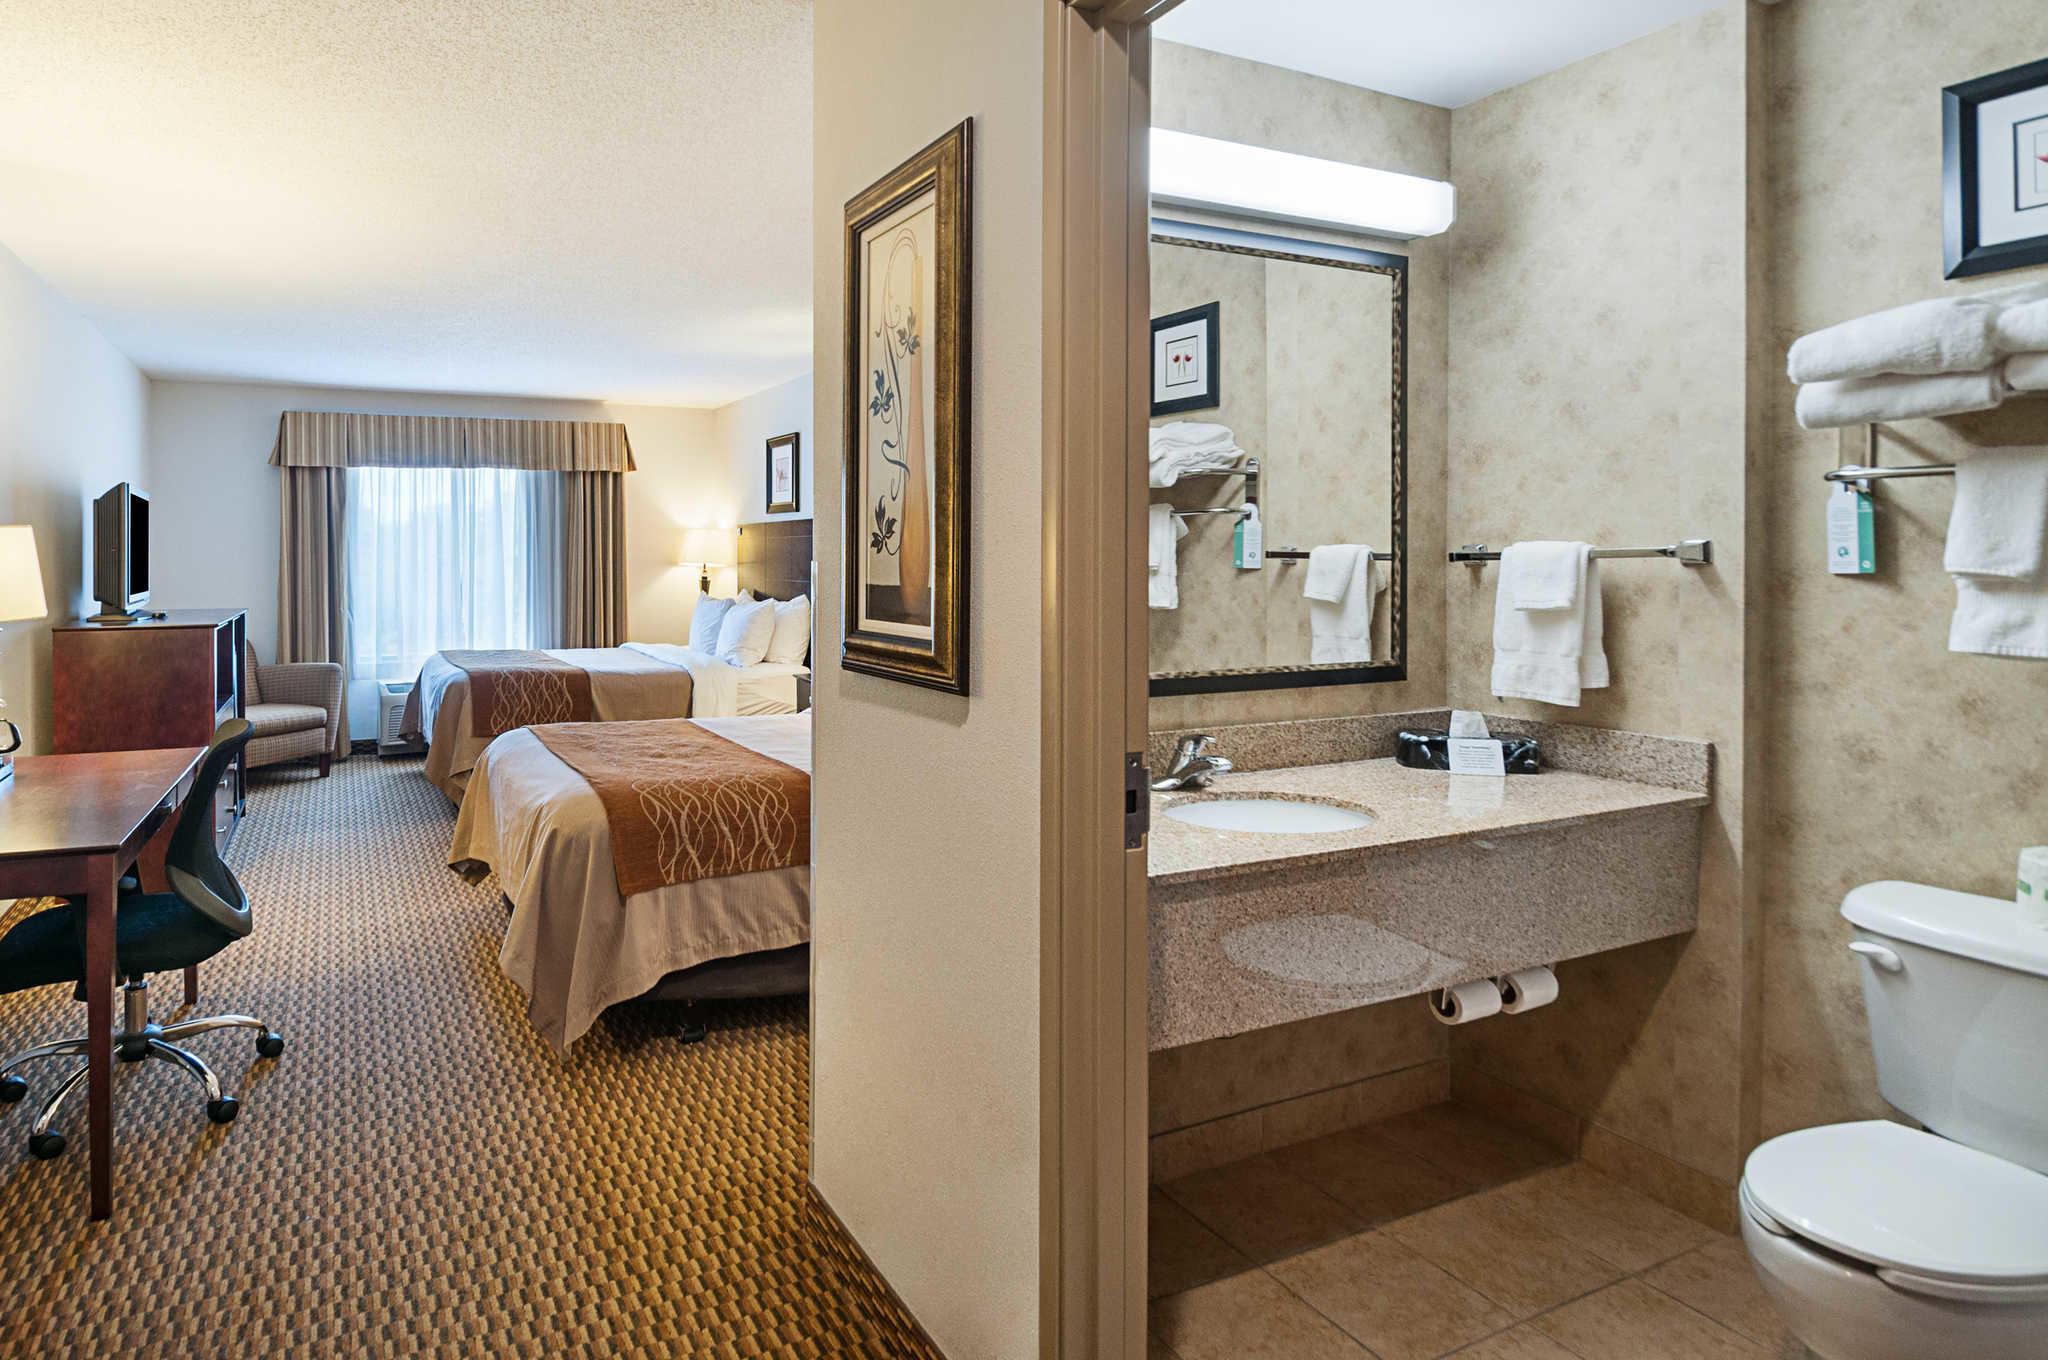 Comfort Inn & Suites Cambridge image 15